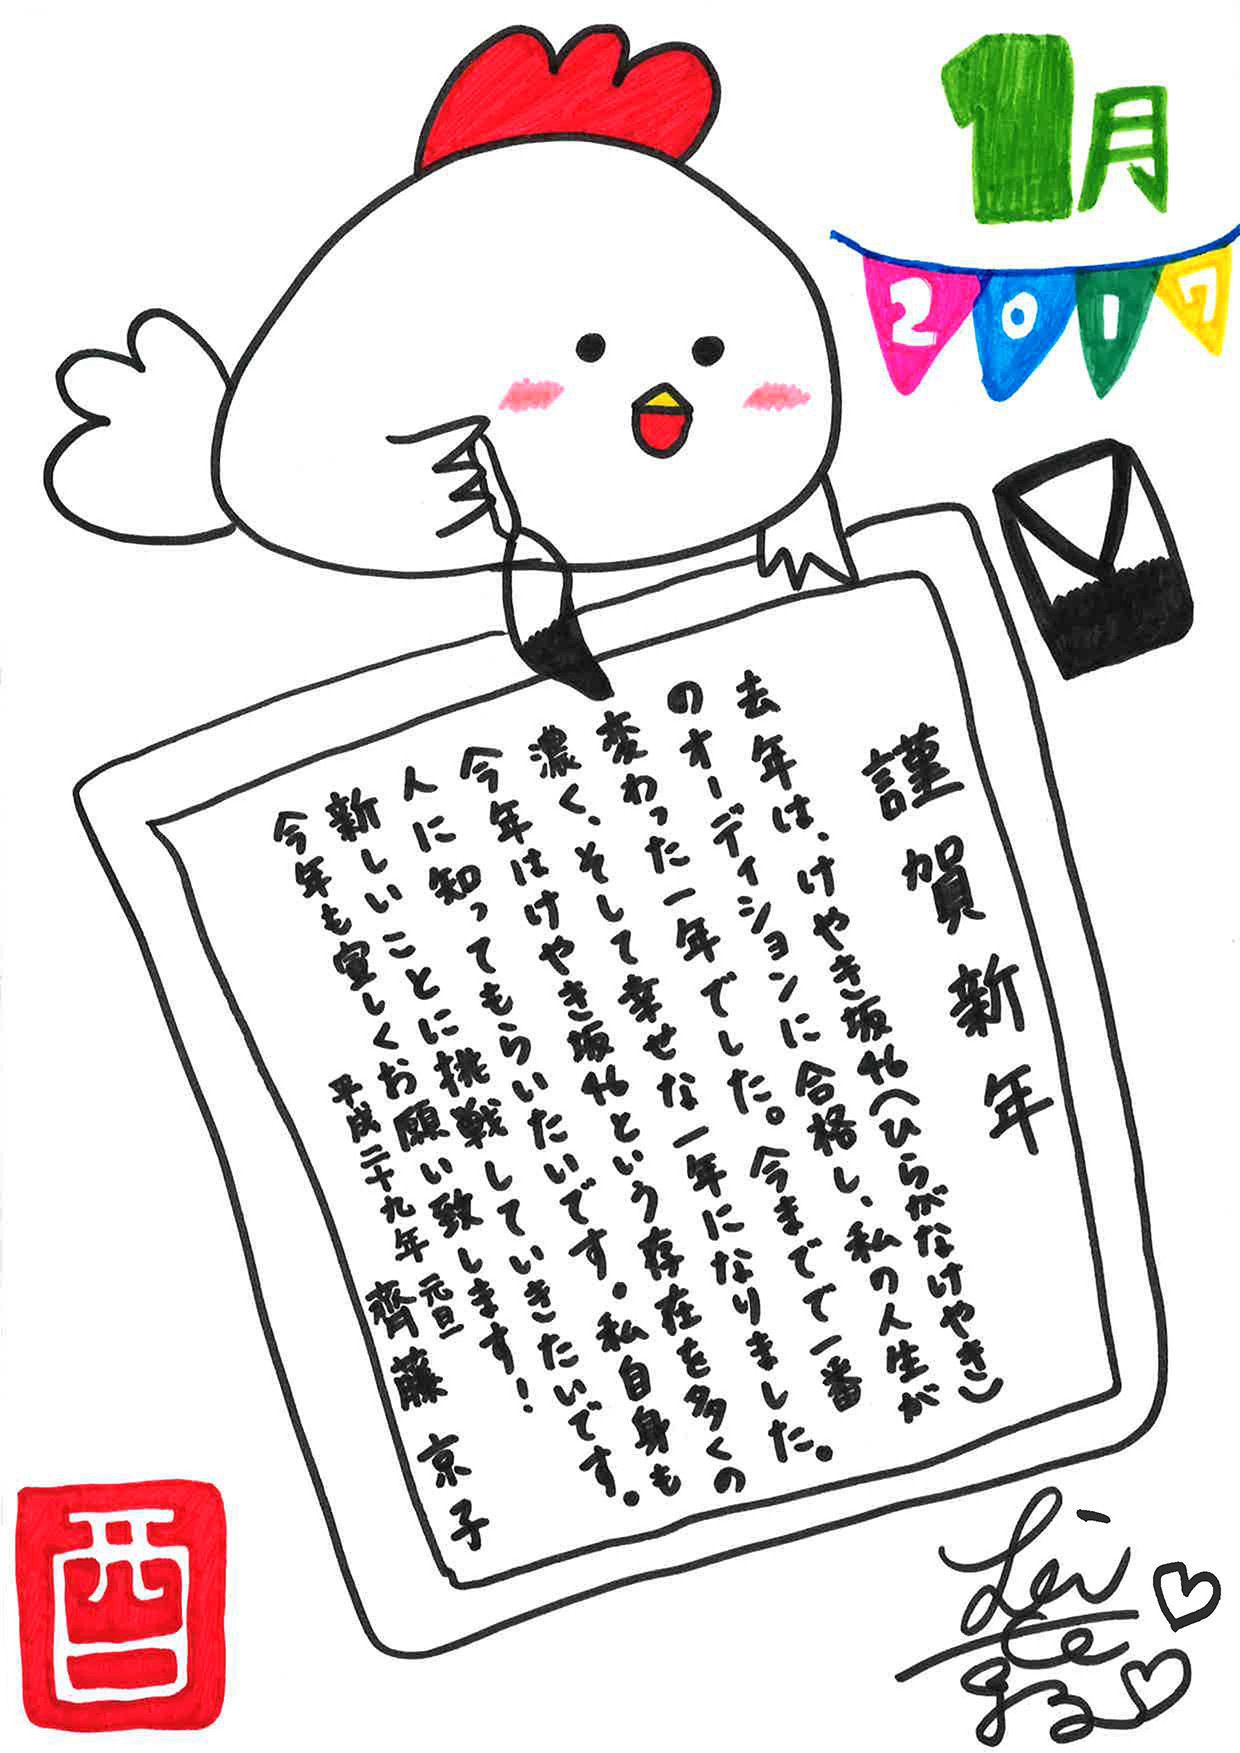 【日向坂46】齊藤京子応援スレ★13【きょんこ】 YouTube動画>16本 ->画像>1485枚